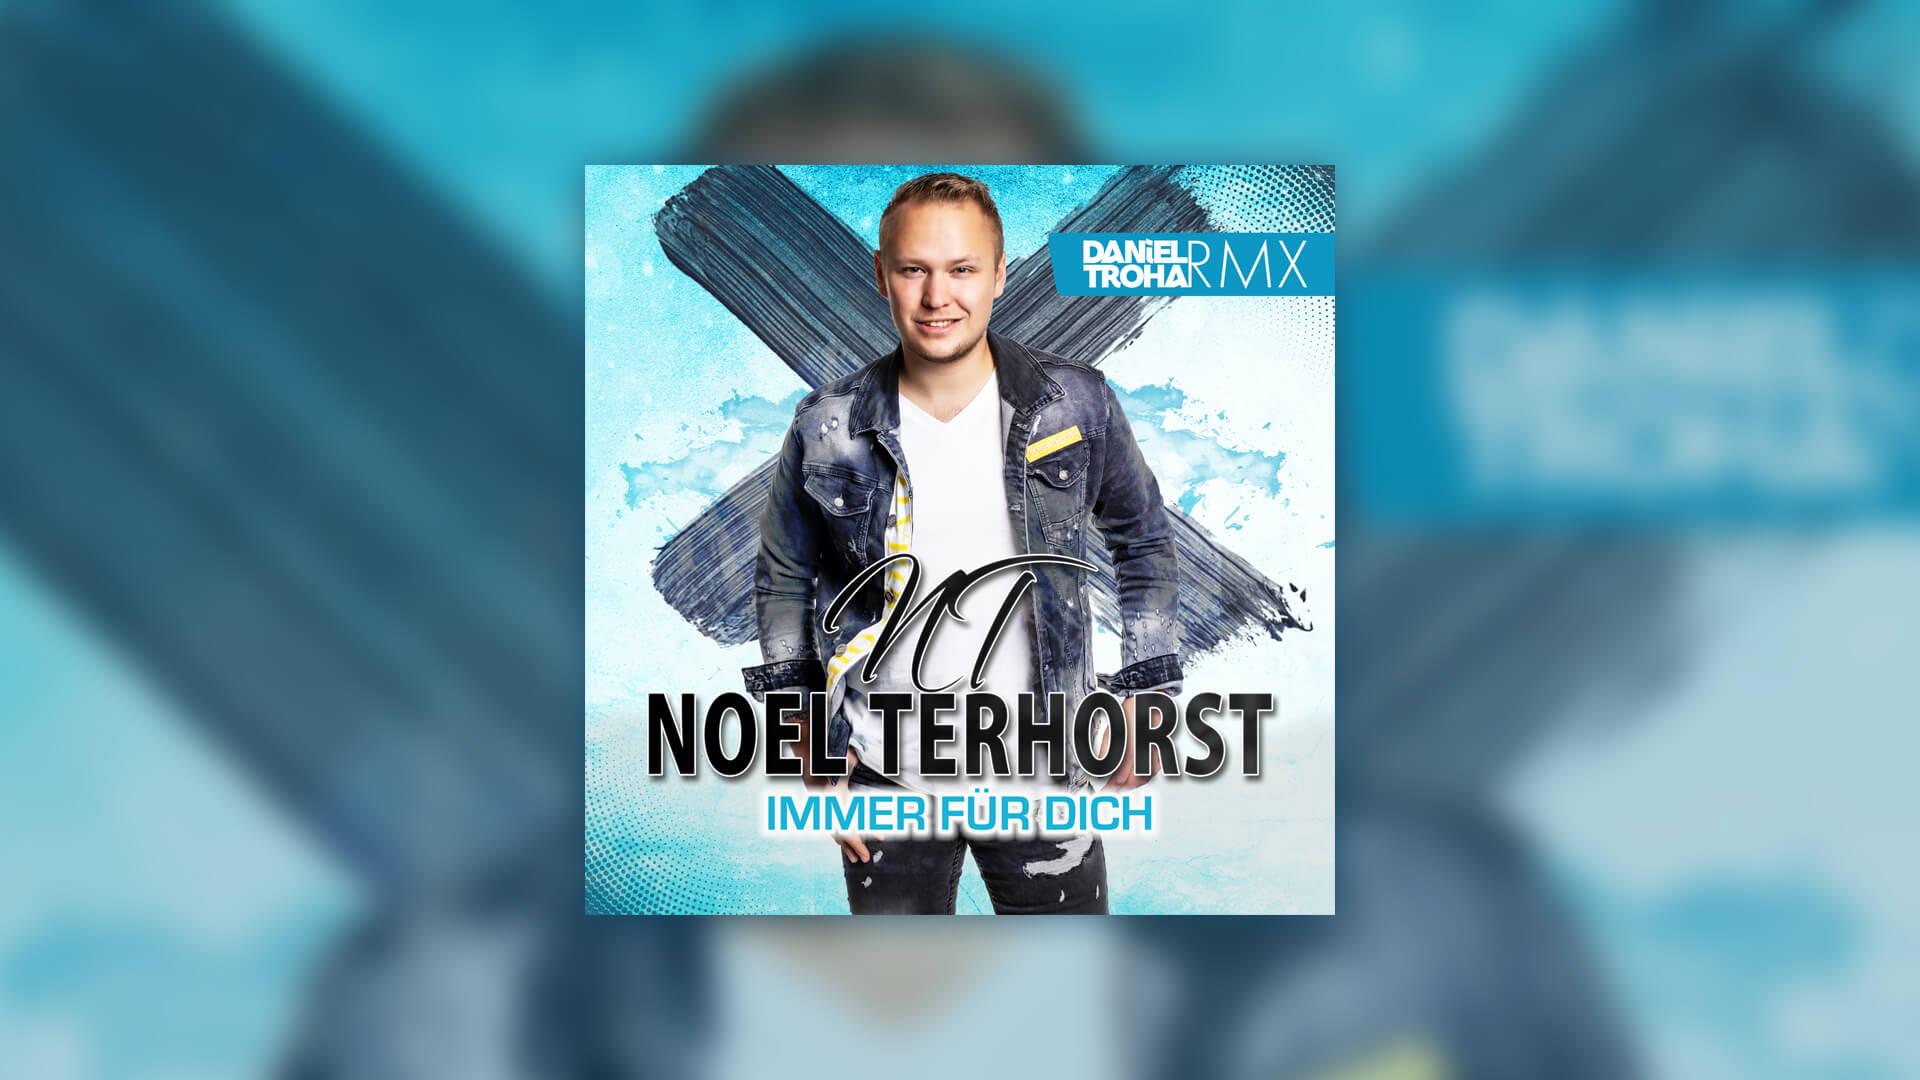 ImmerFürDich Von Noel Verhörst - (DanielTrohaRMX)